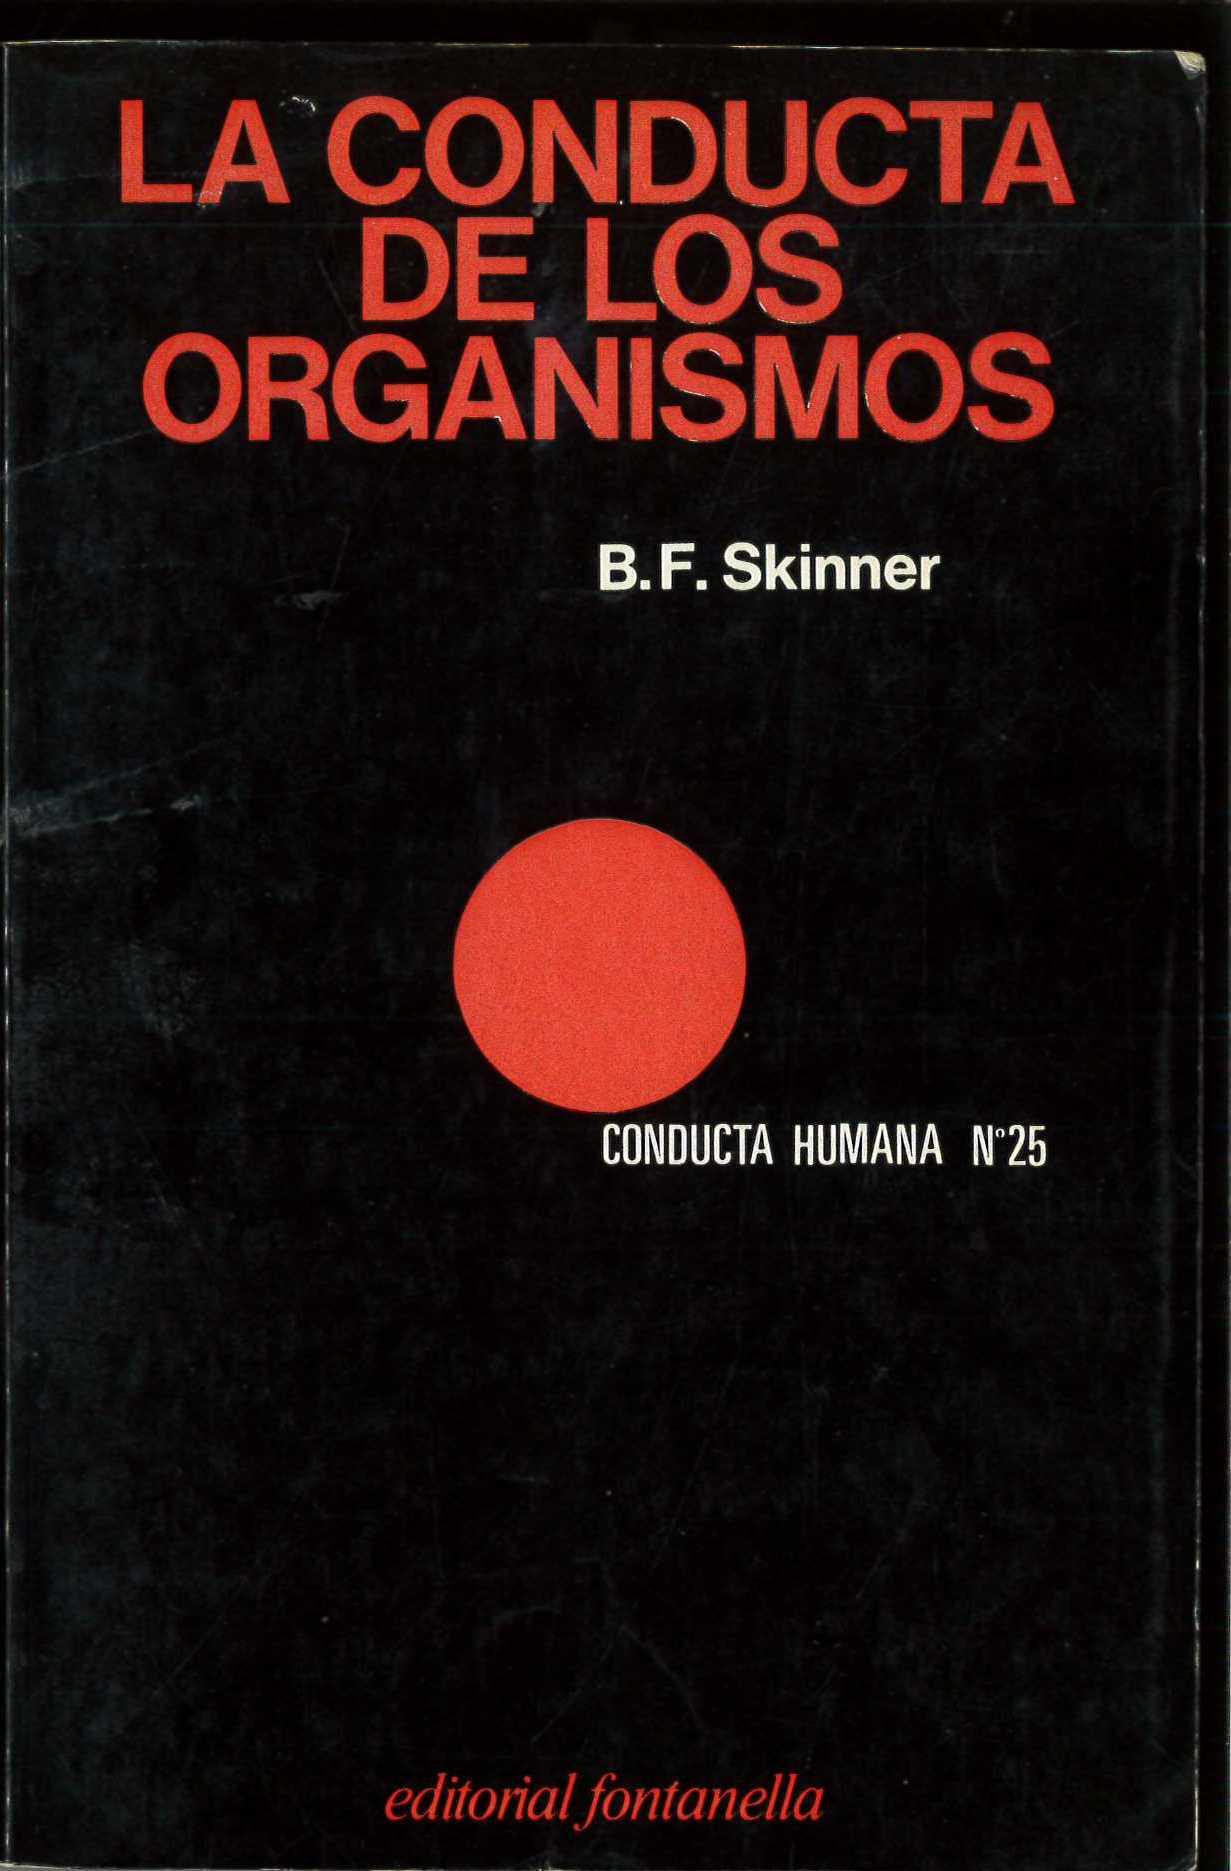 La conducta de los organismos